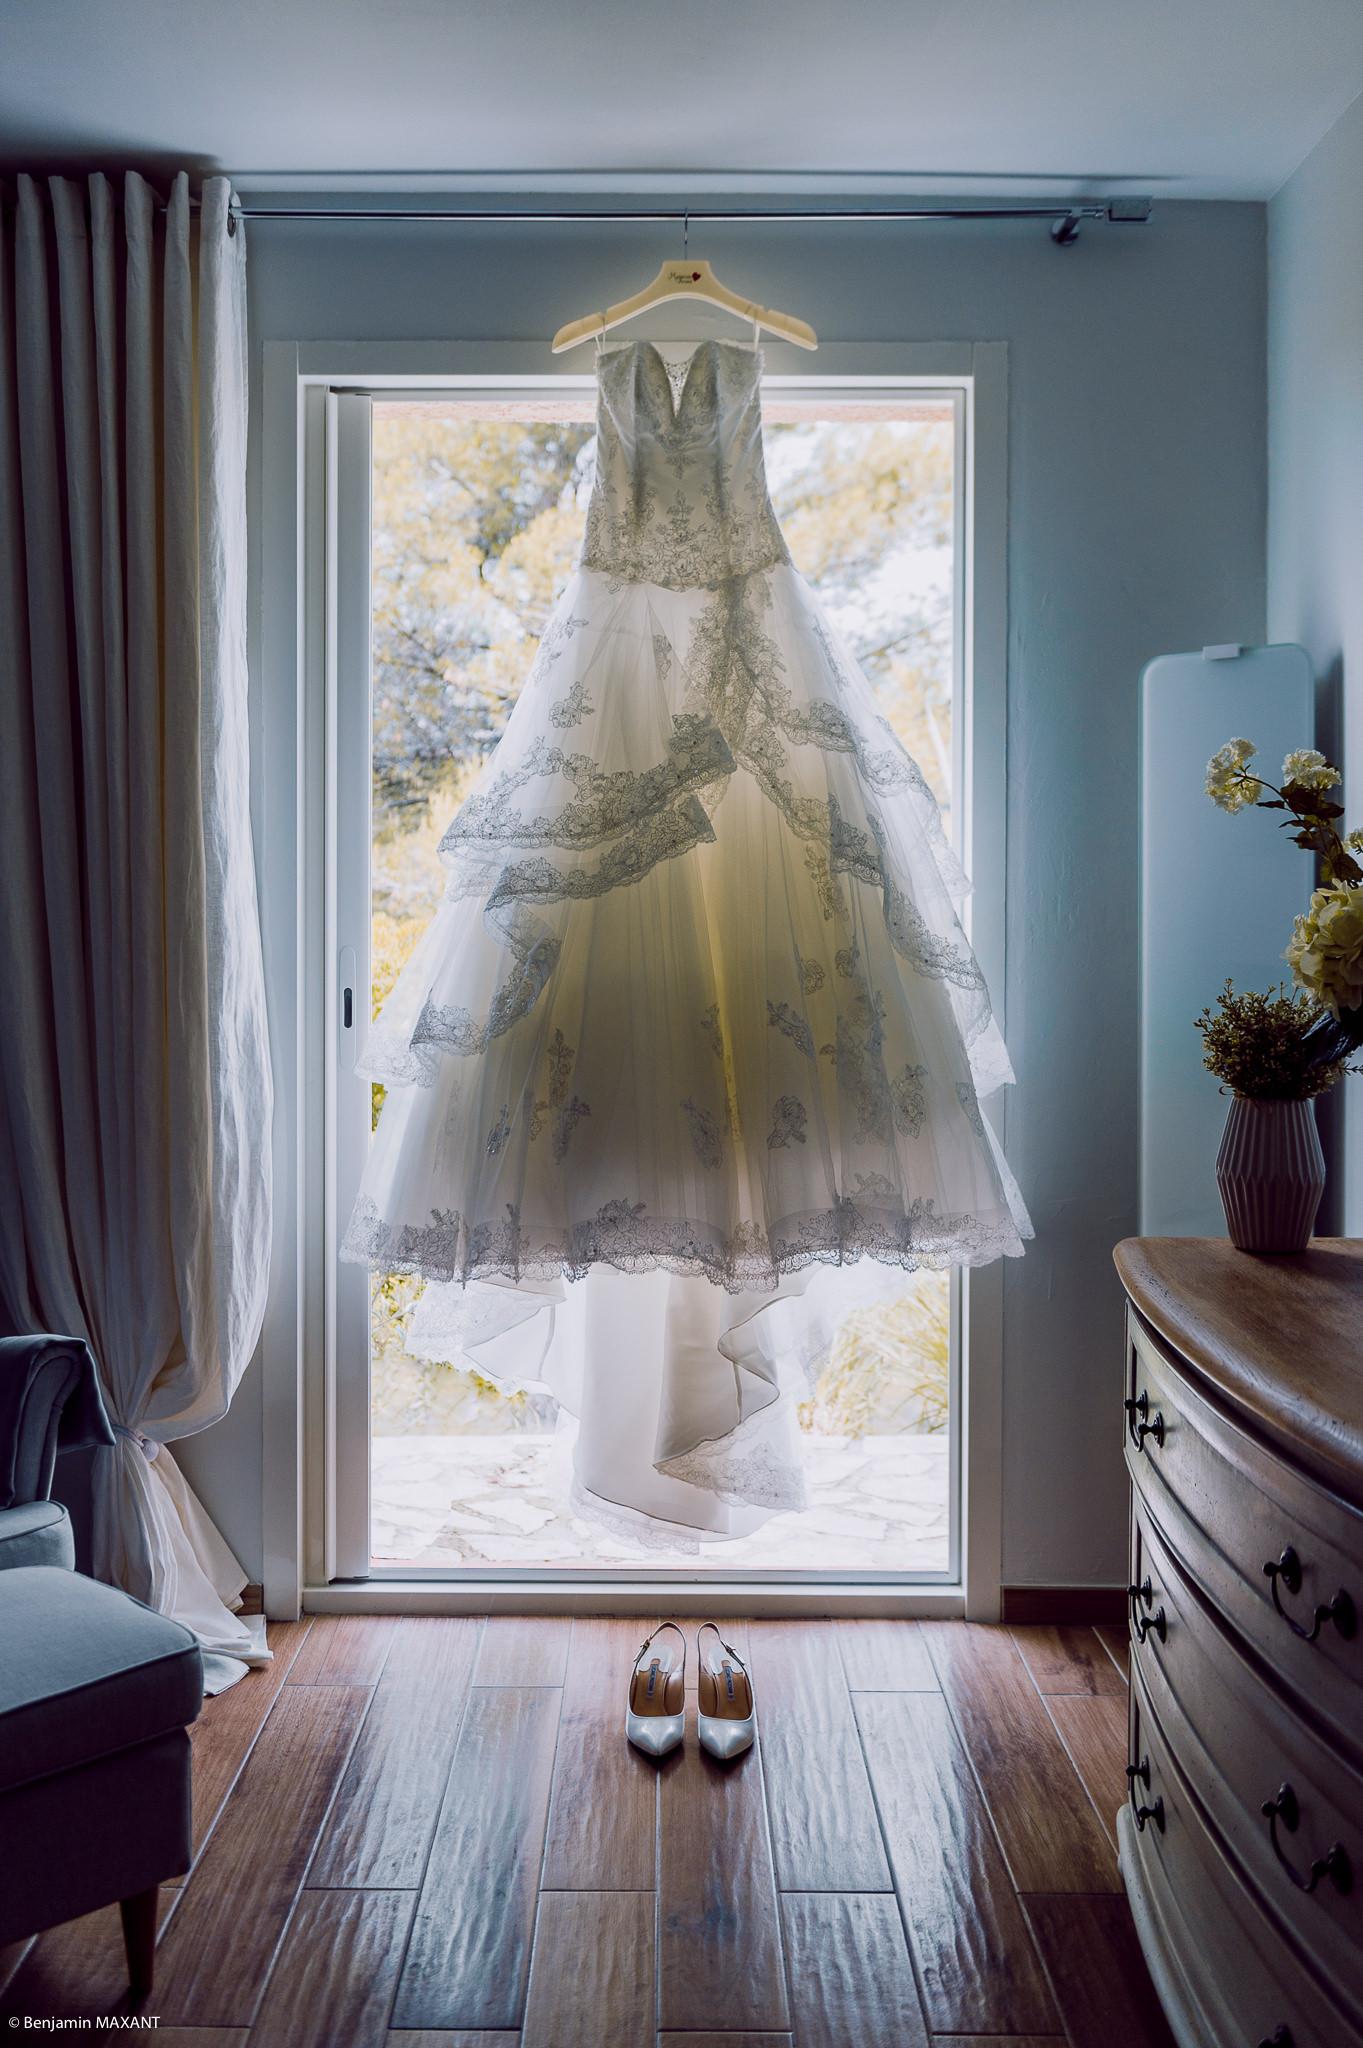 La robe de la mariée attendant d'être portée